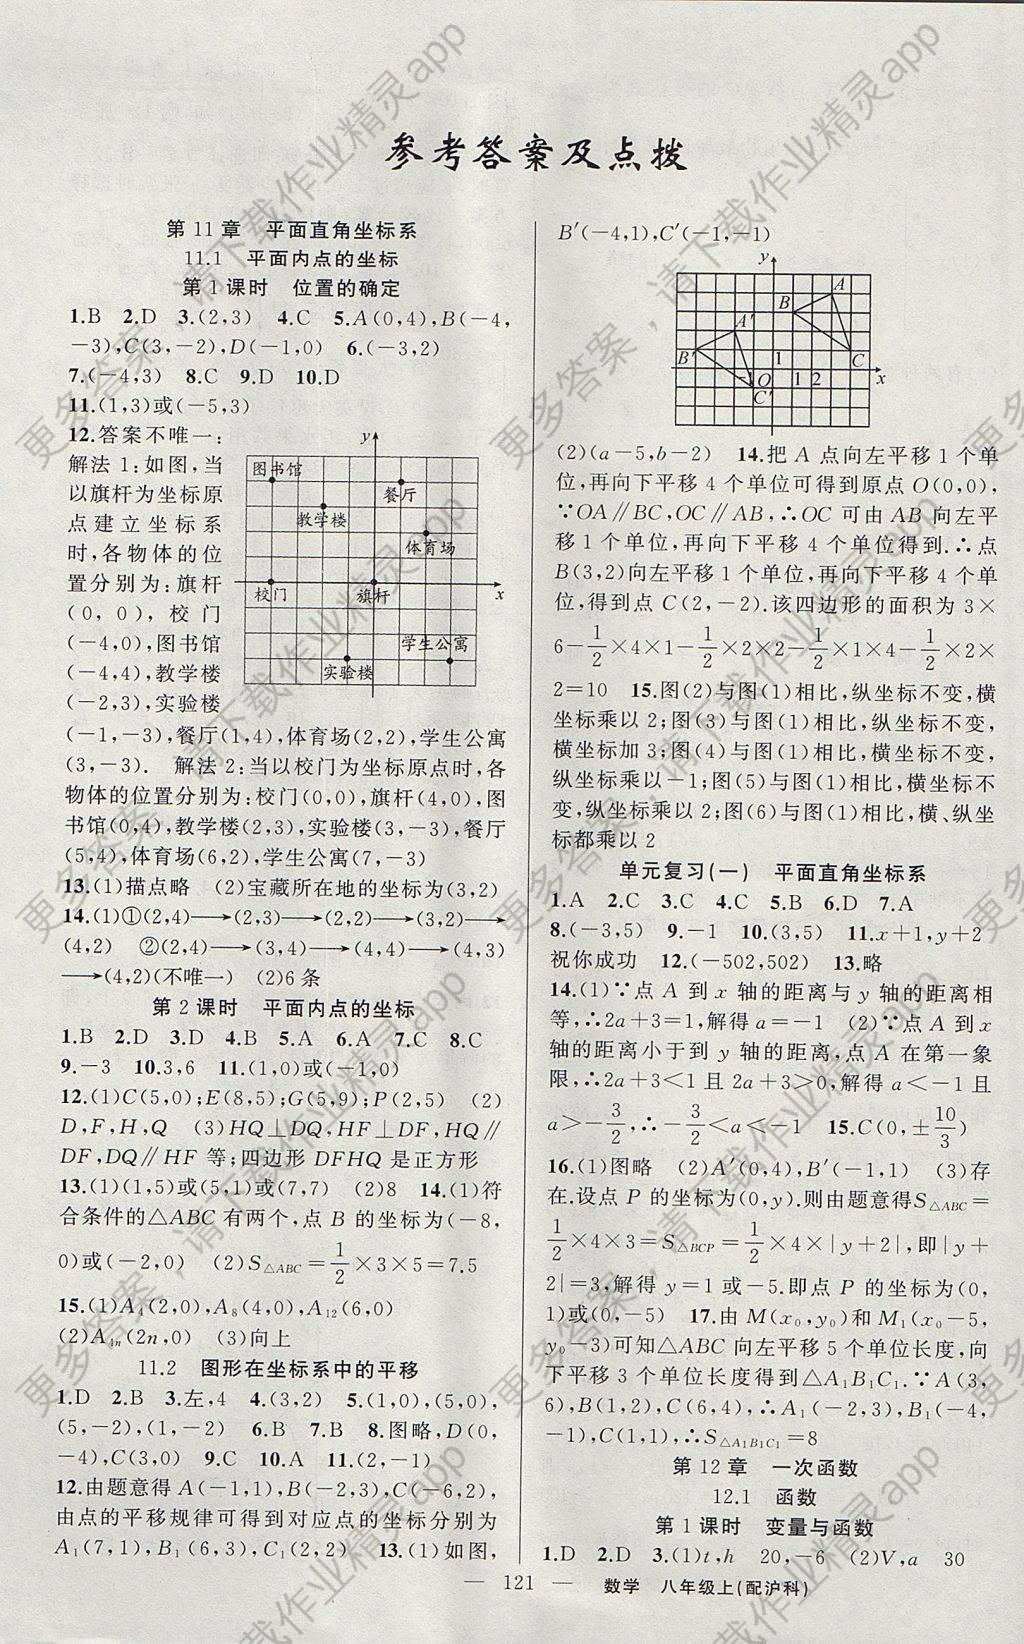 2017年原创新课堂八年级数学上册沪科版 参考答案第1页